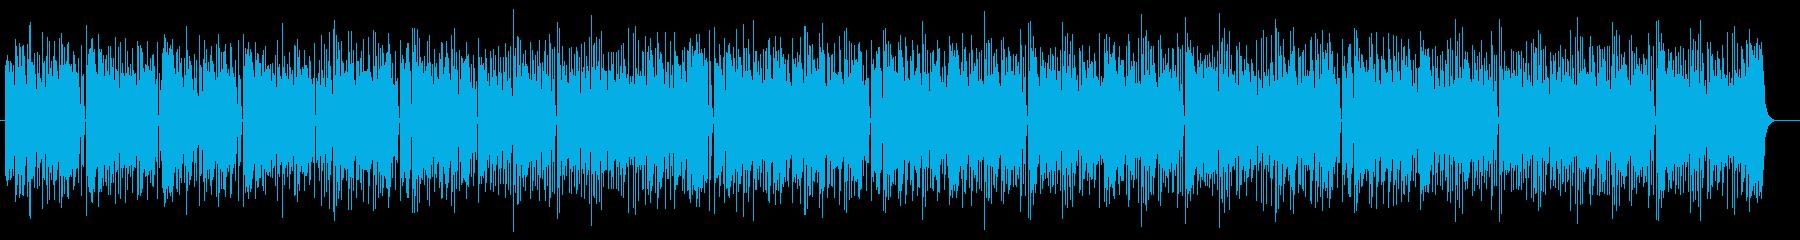 明るく可愛いシンセサイザーサウンドの再生済みの波形